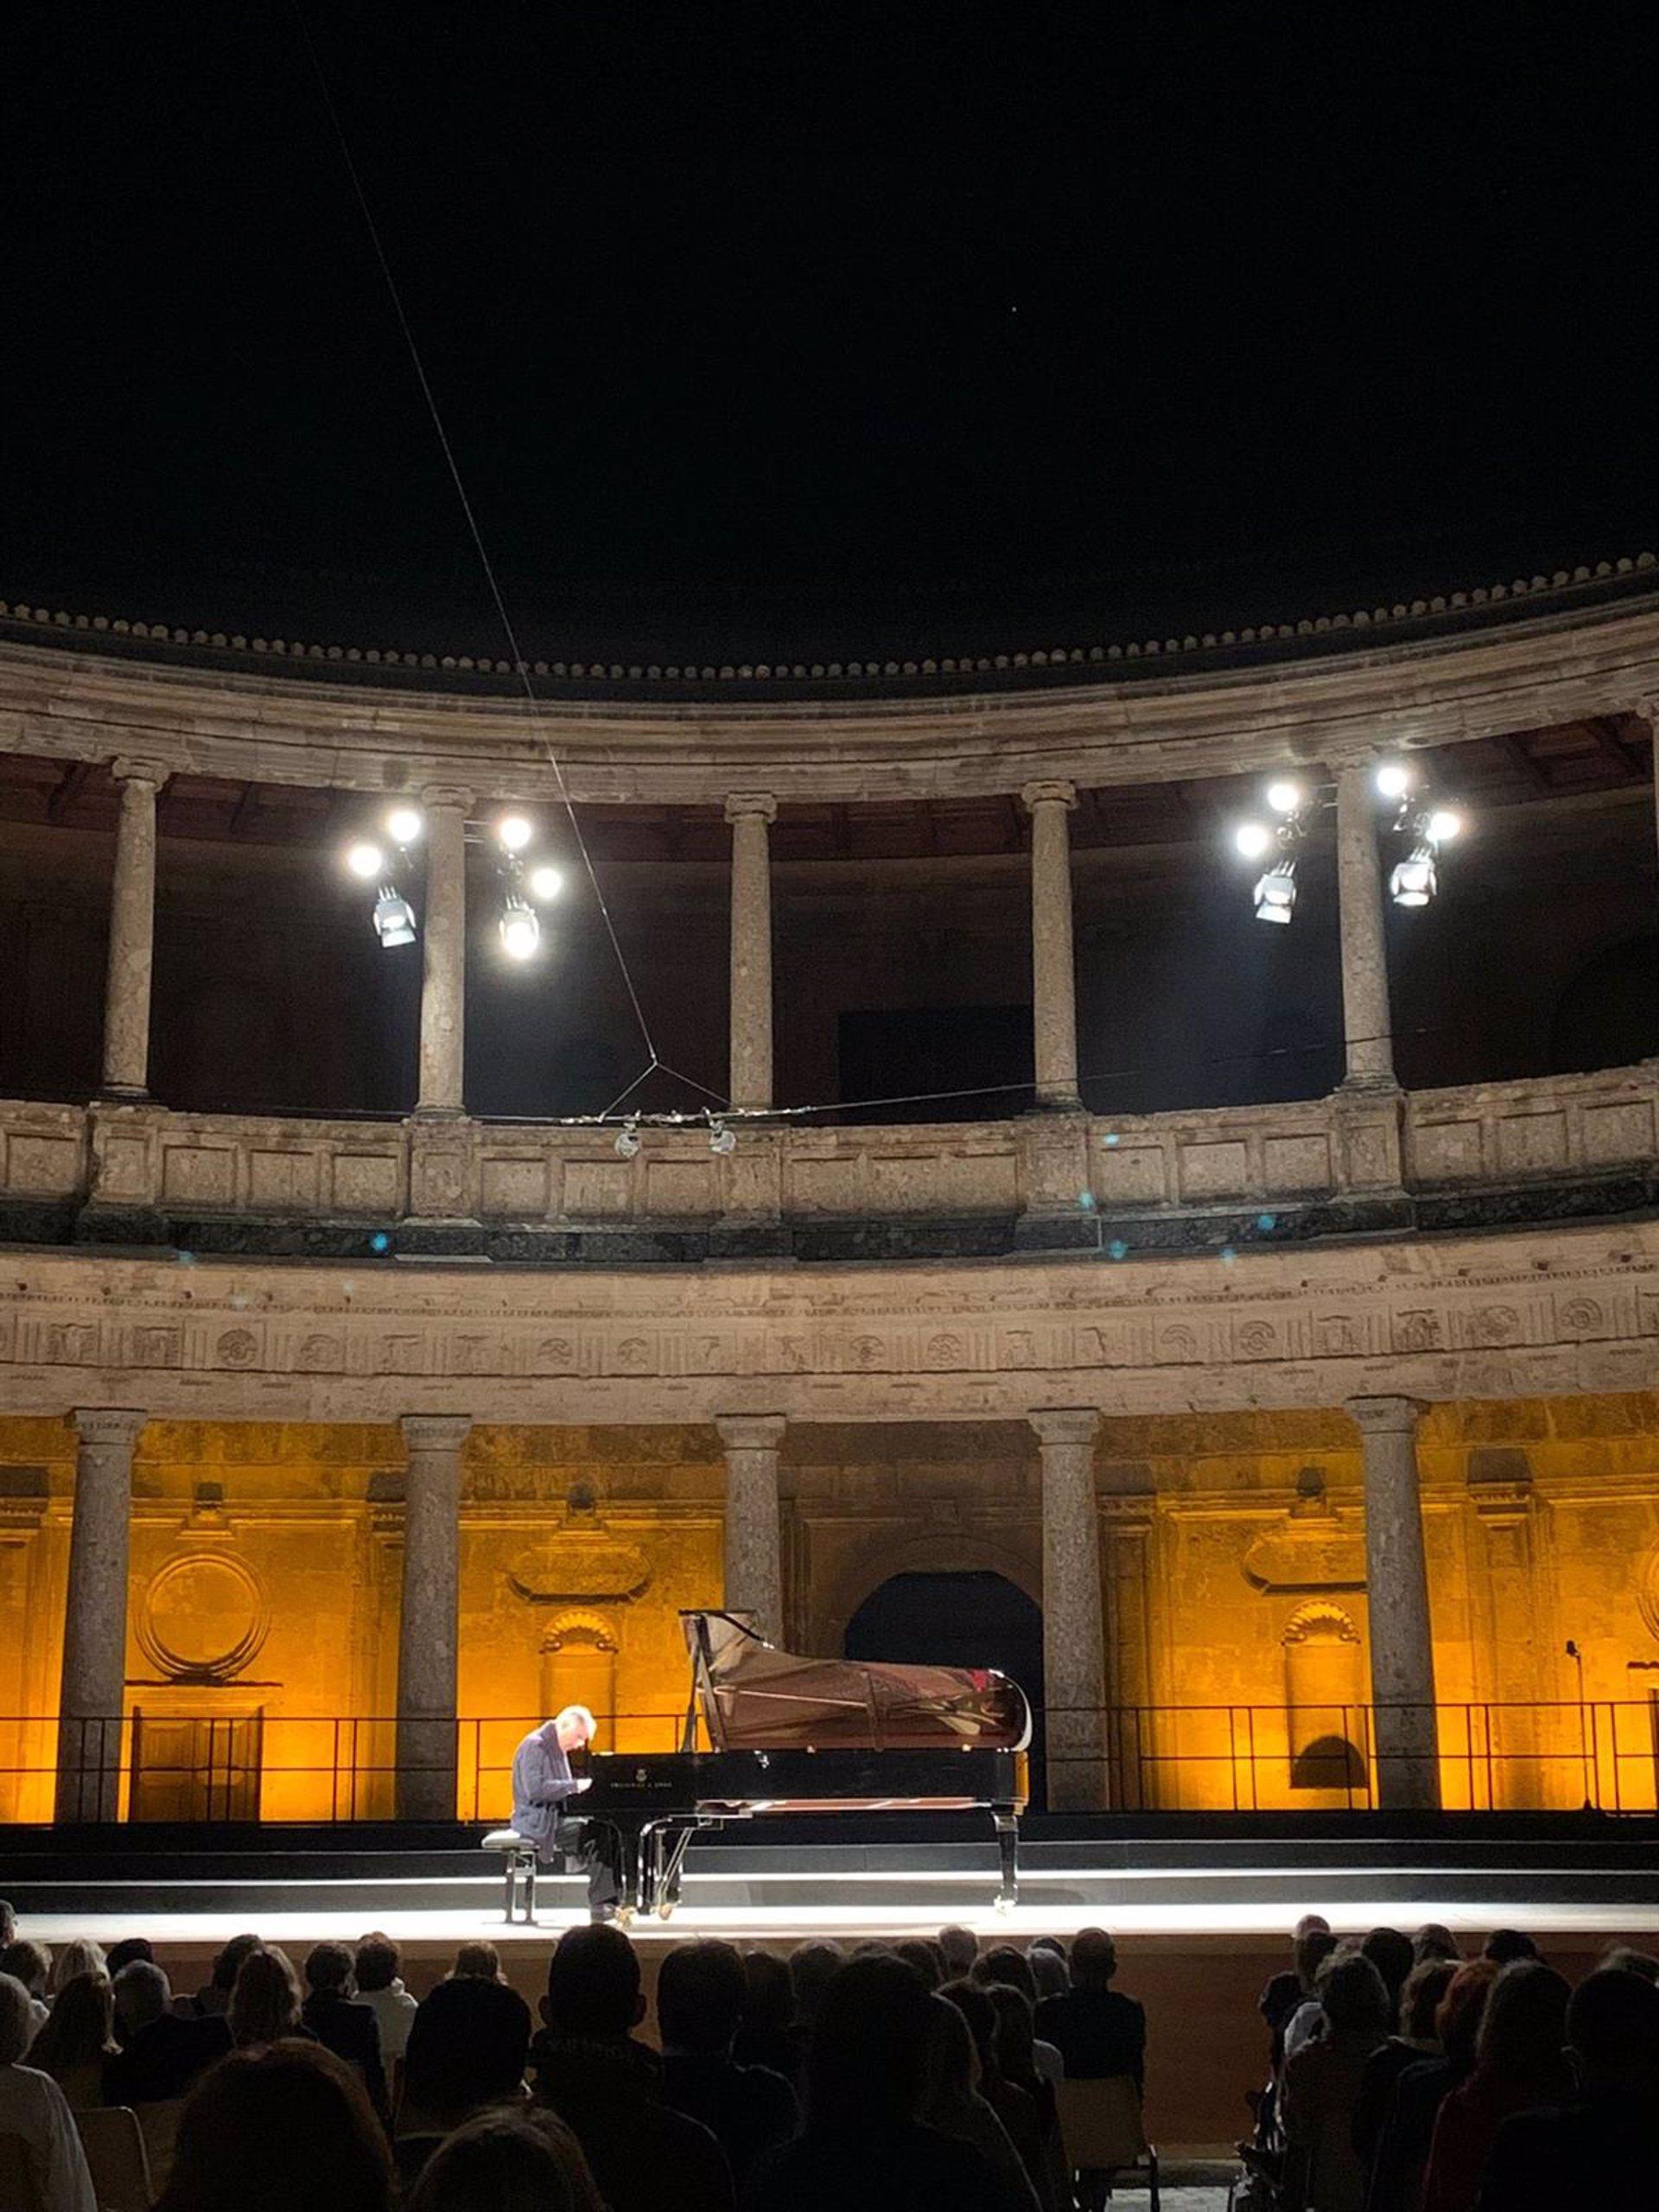 El Festival Internacional de Música y Danza reúne a unos 33.000 espectadores en su 70 edición